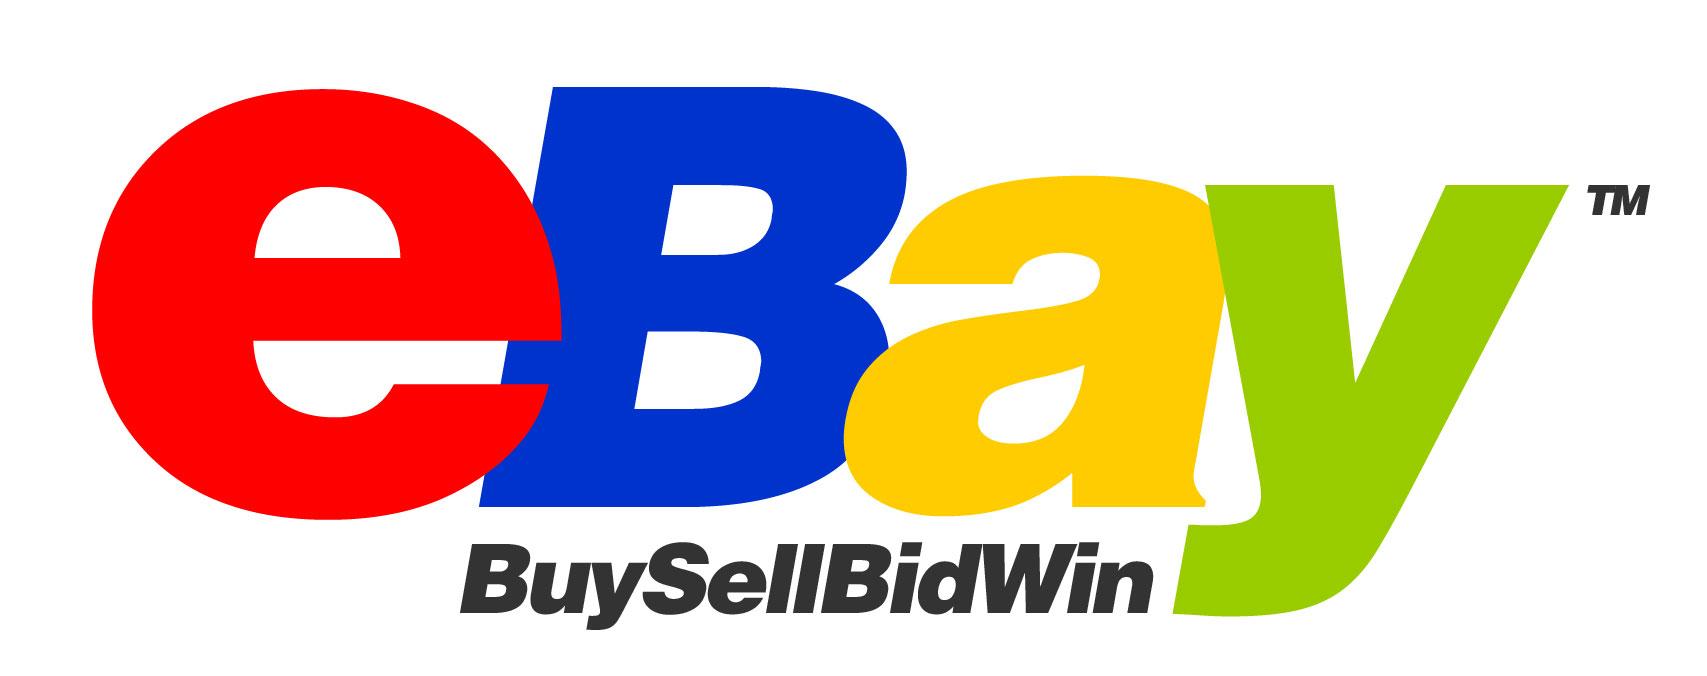 Ebay - крупнейшая площадка для проведения аукционов по продаже товаров